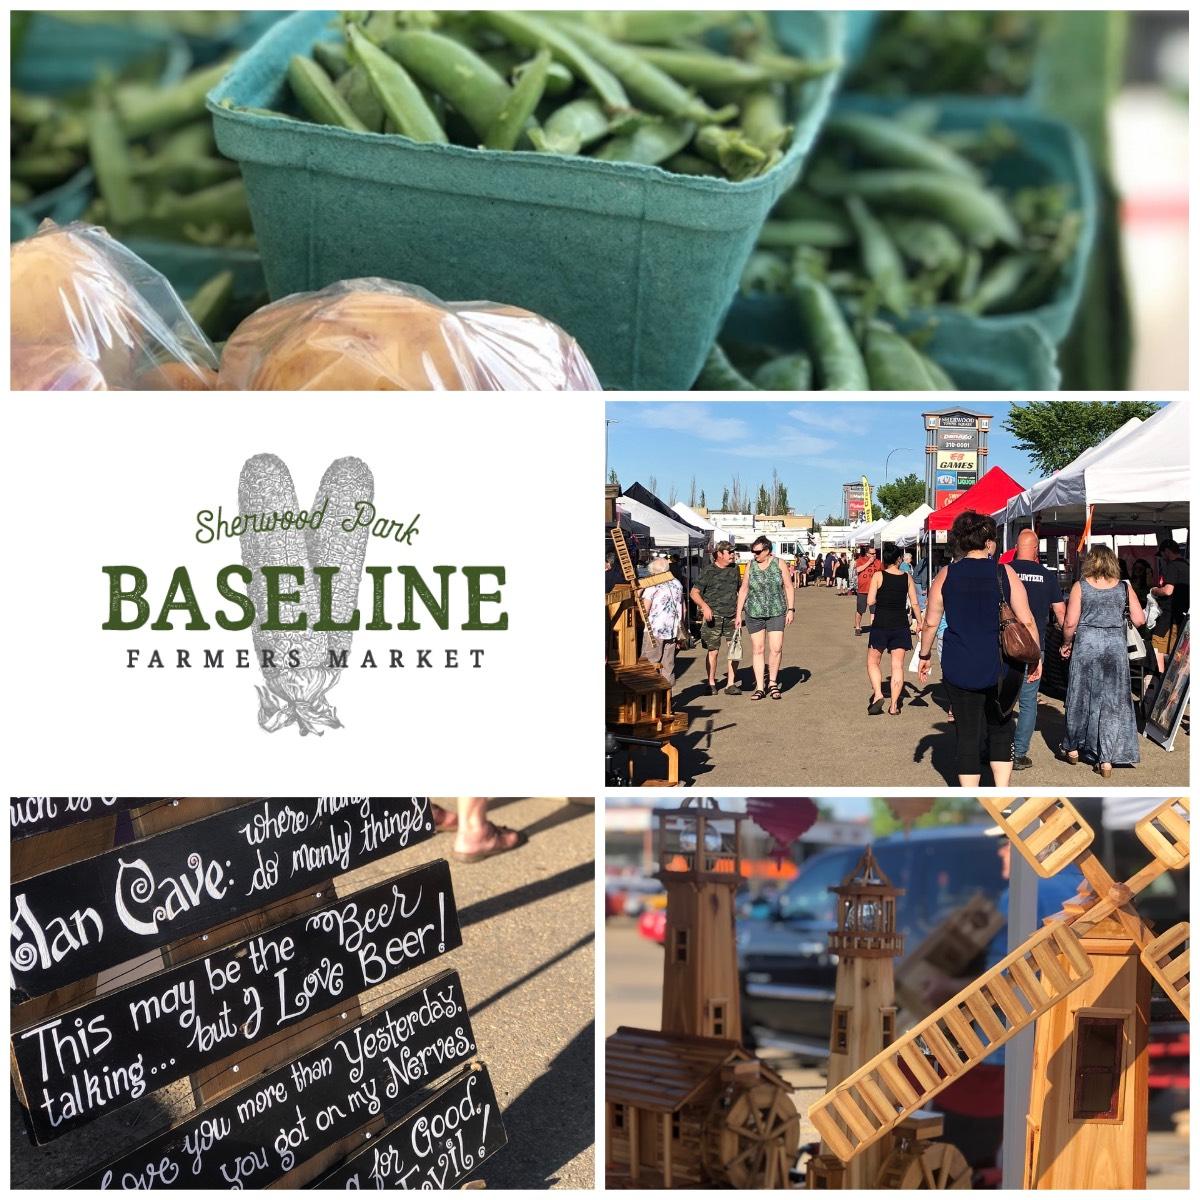 Baseline Farmers Market in Sherwood Park -